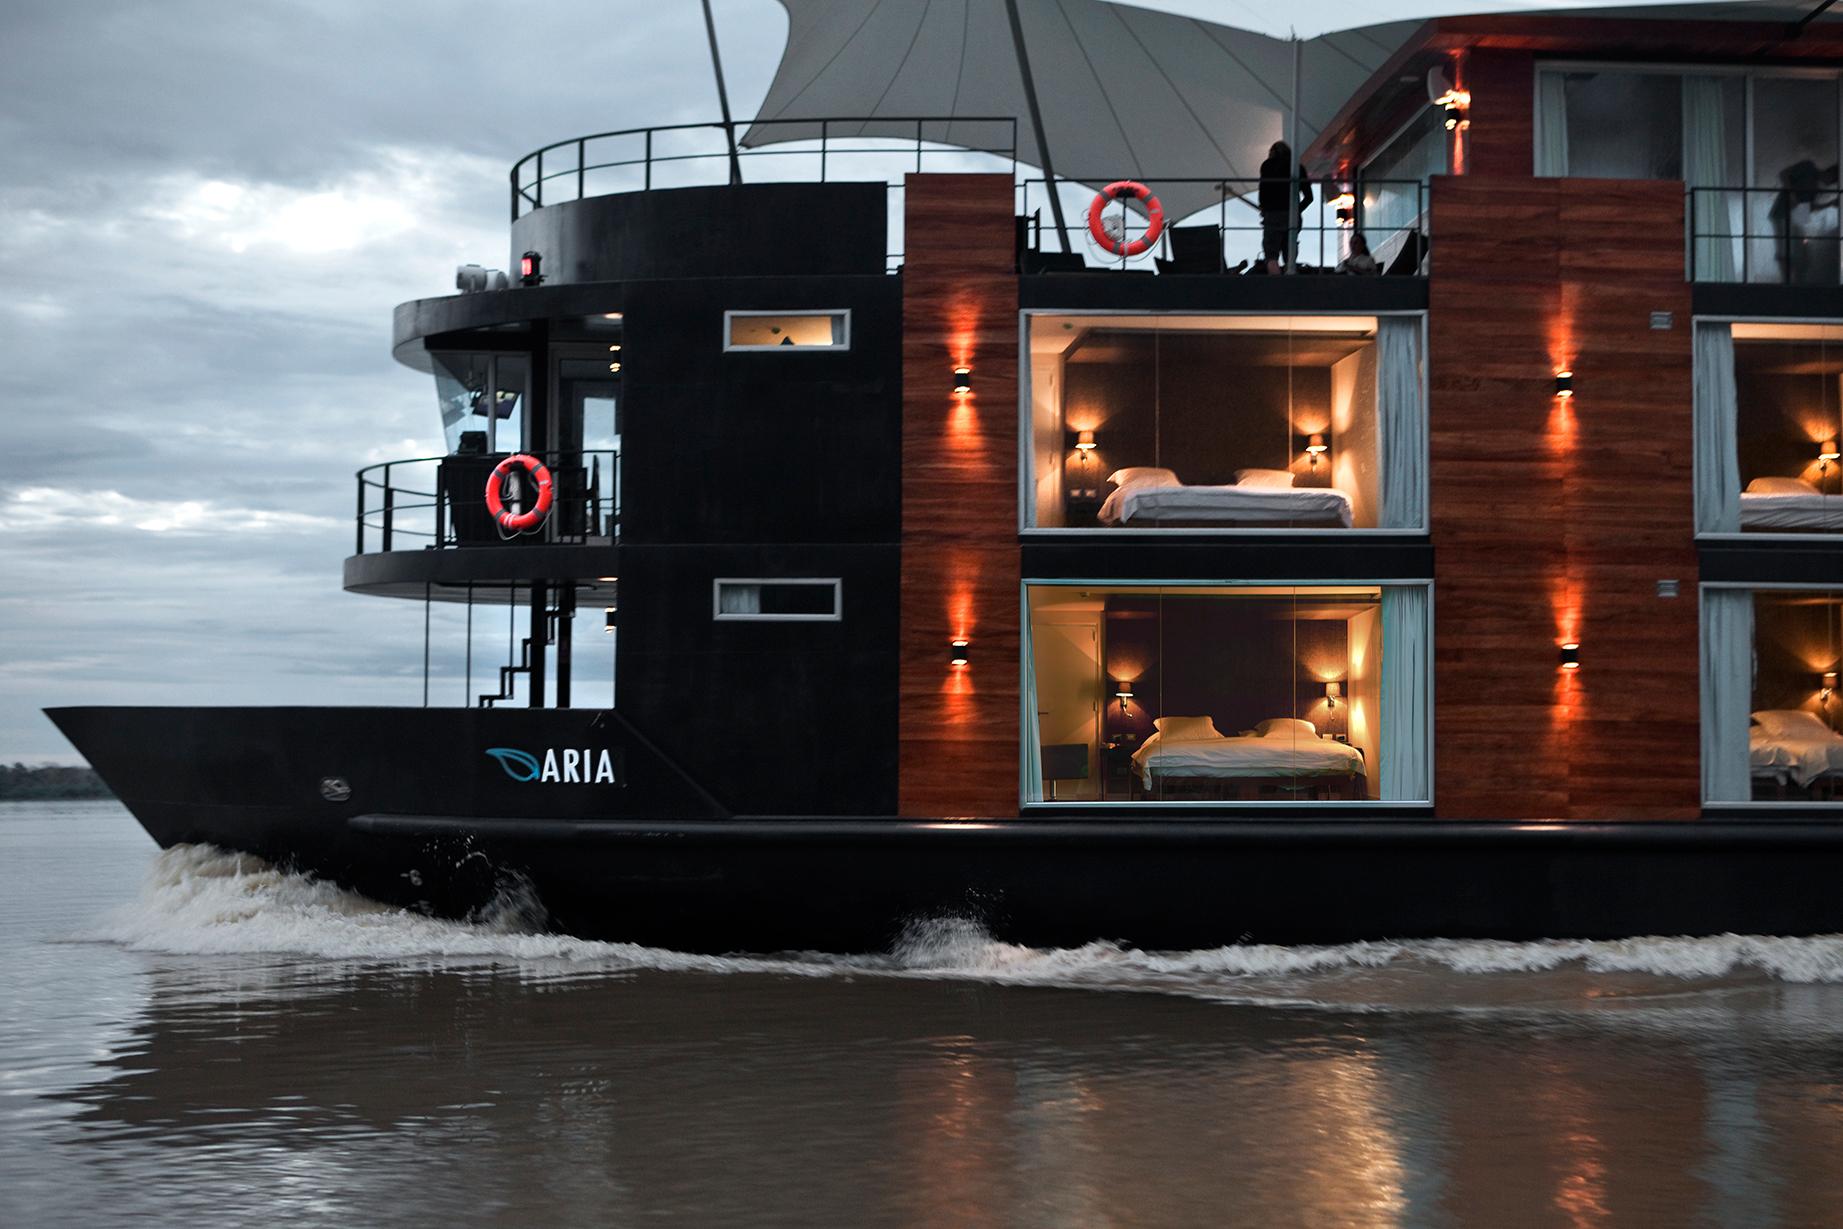 Barco Amazonas Perú viaje a medida